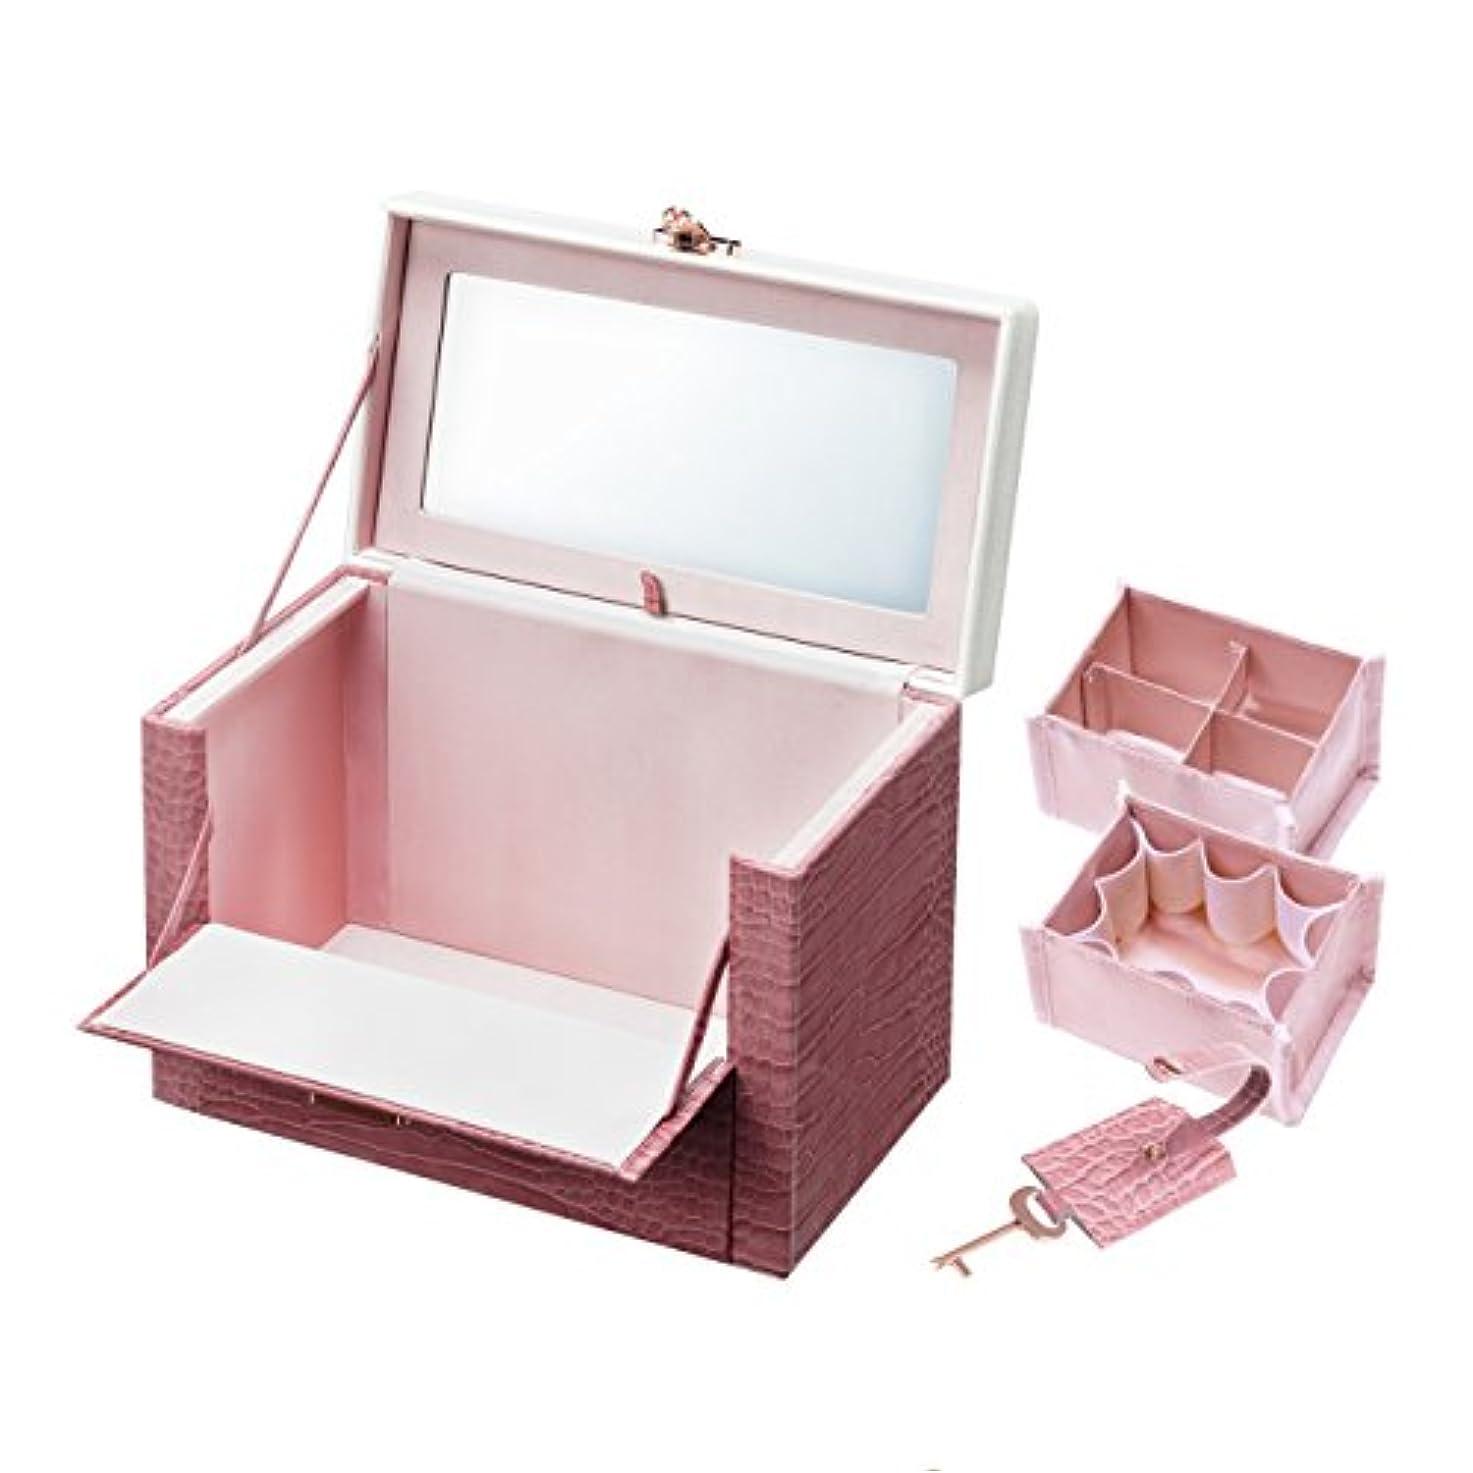 変換する具体的にエンコミウムワタシ流にカスタマイズできる クロコ柄メイクボックス クラッセ ピンク